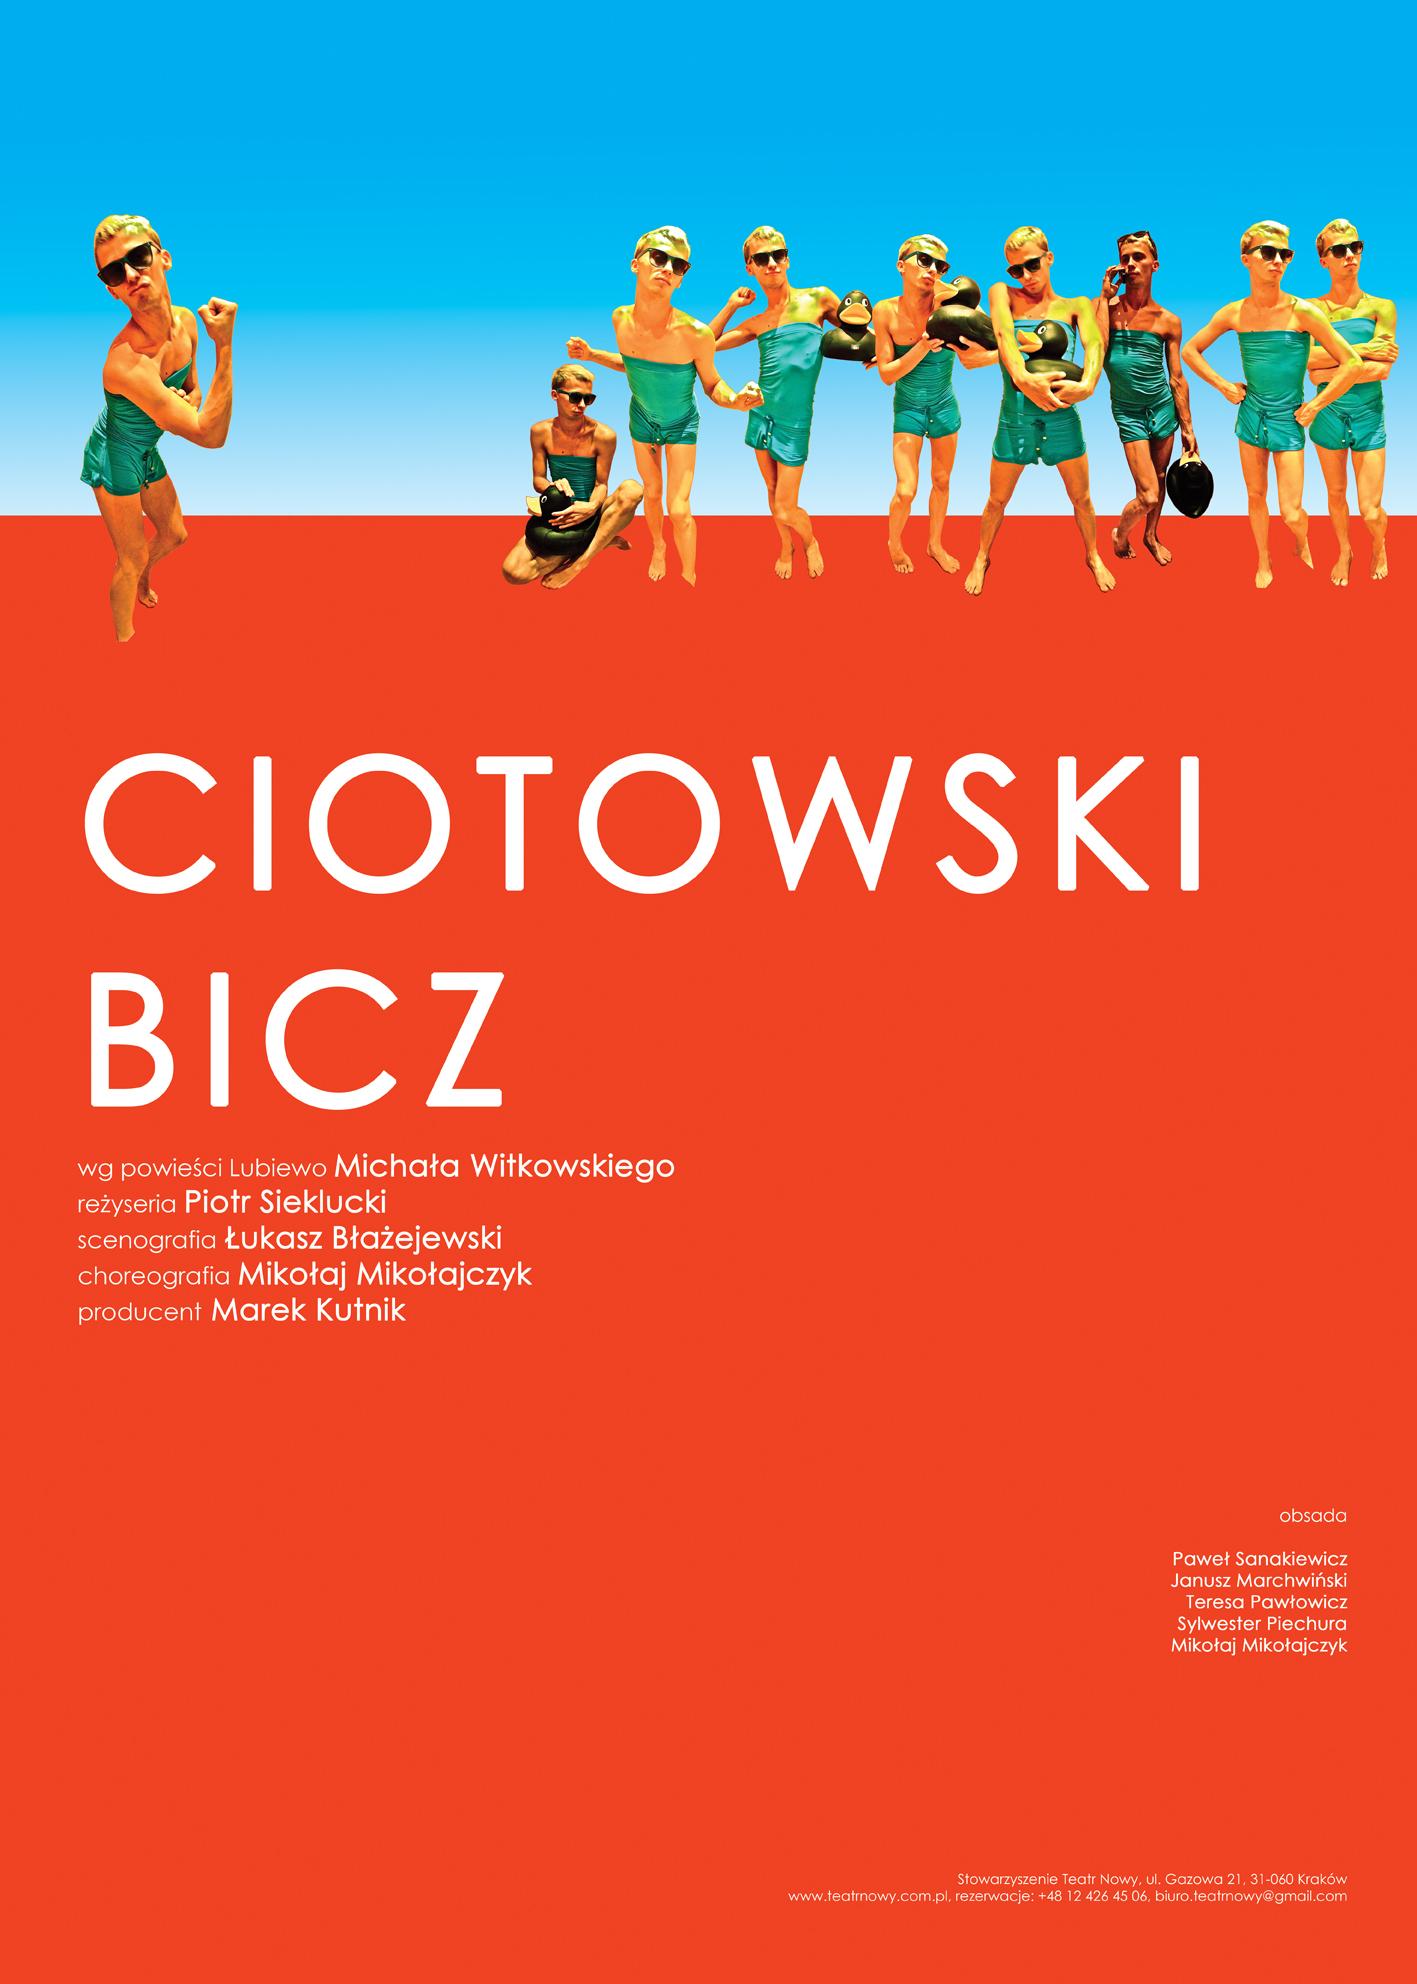 Lubiewo: Ciotowski Bicz, reż. Piotr Sieklucki, Teatr Nowy w Krakowie (źródło: materiały prasowe)